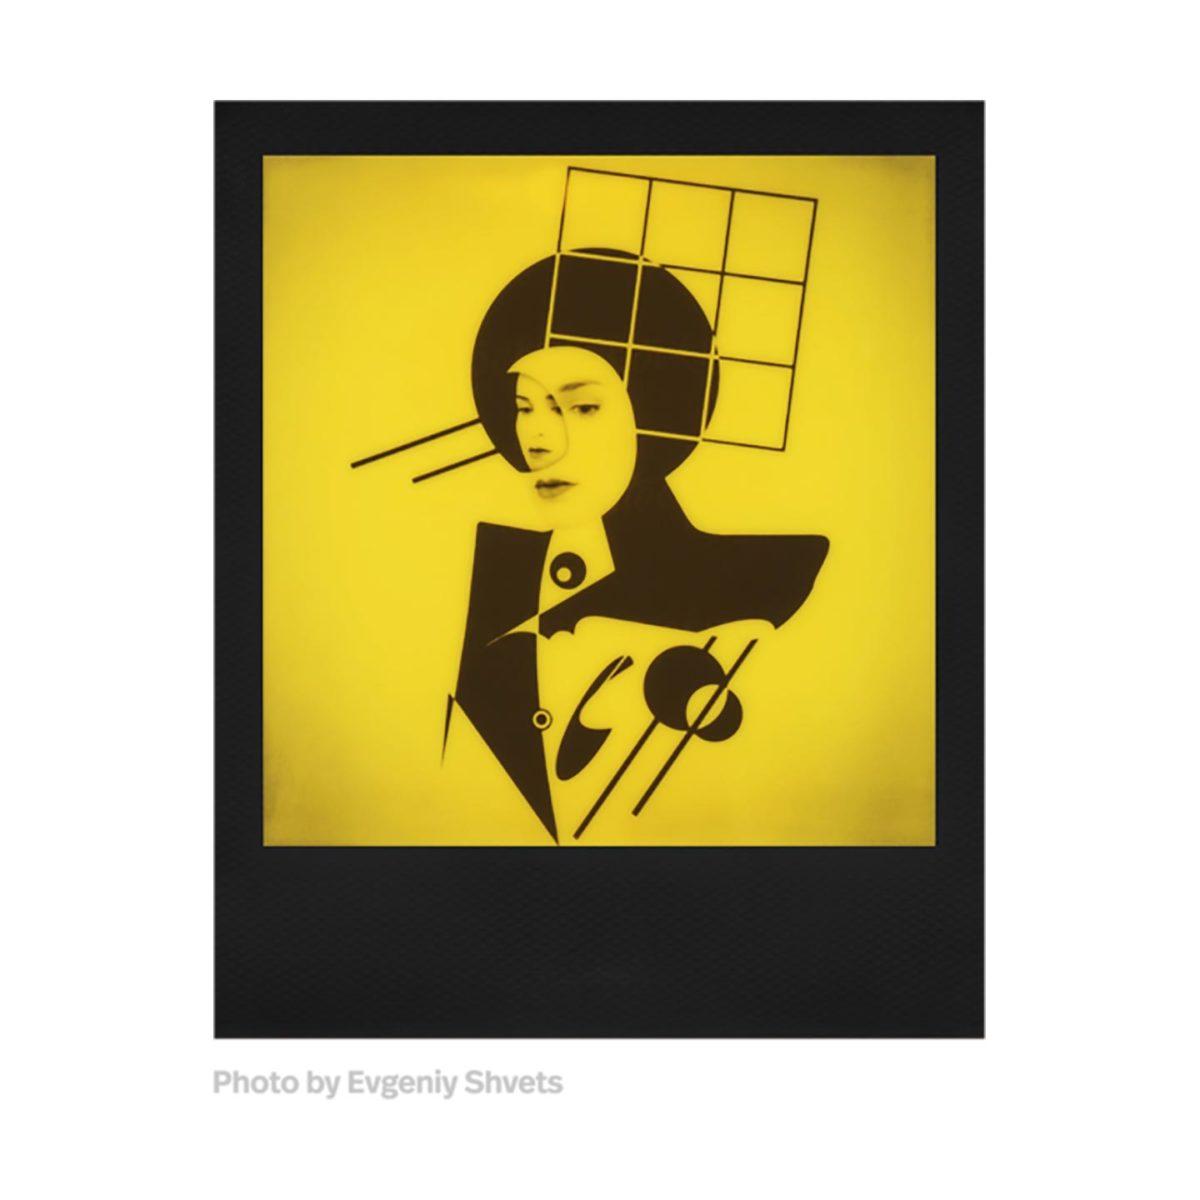 polaroid_600_bw_film_black_yellow_03